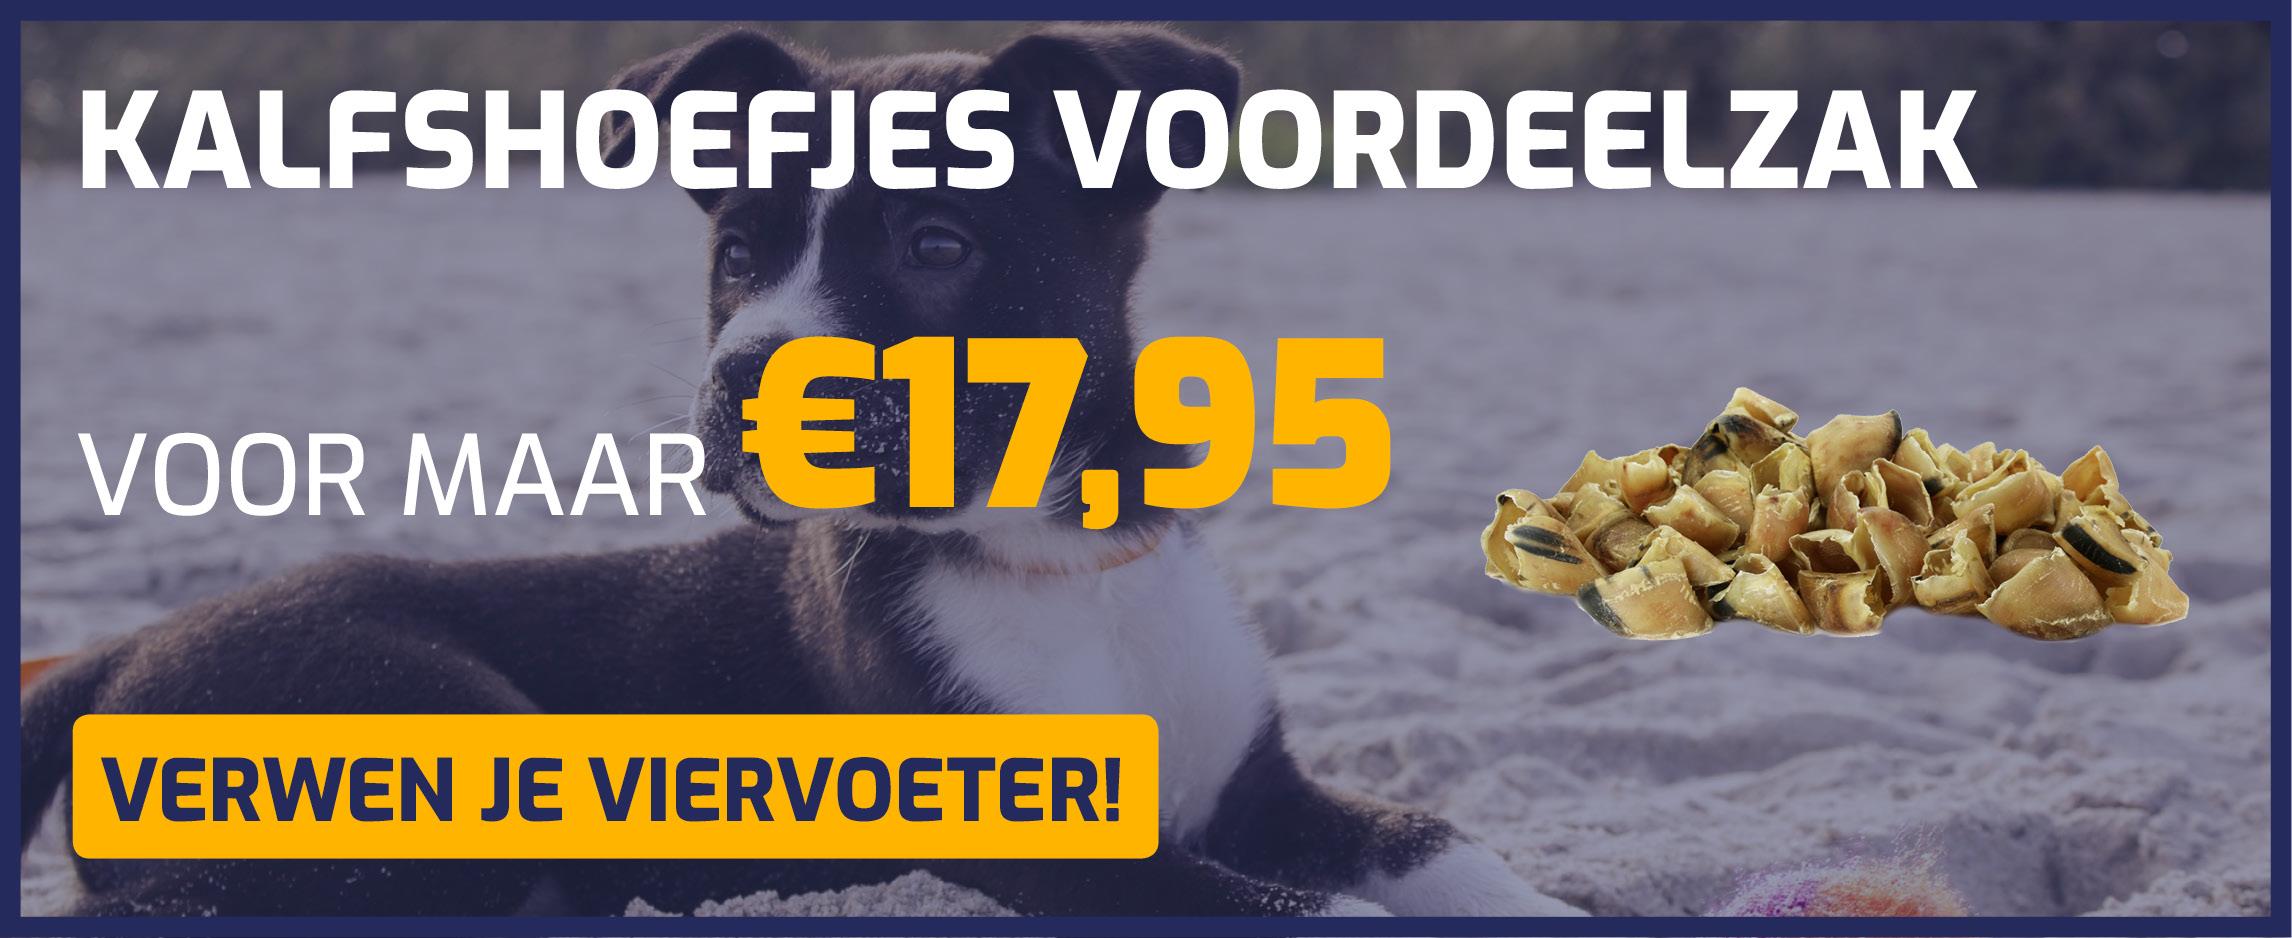 Kalfshoefjes voordeelzak, nu voor €17,95!